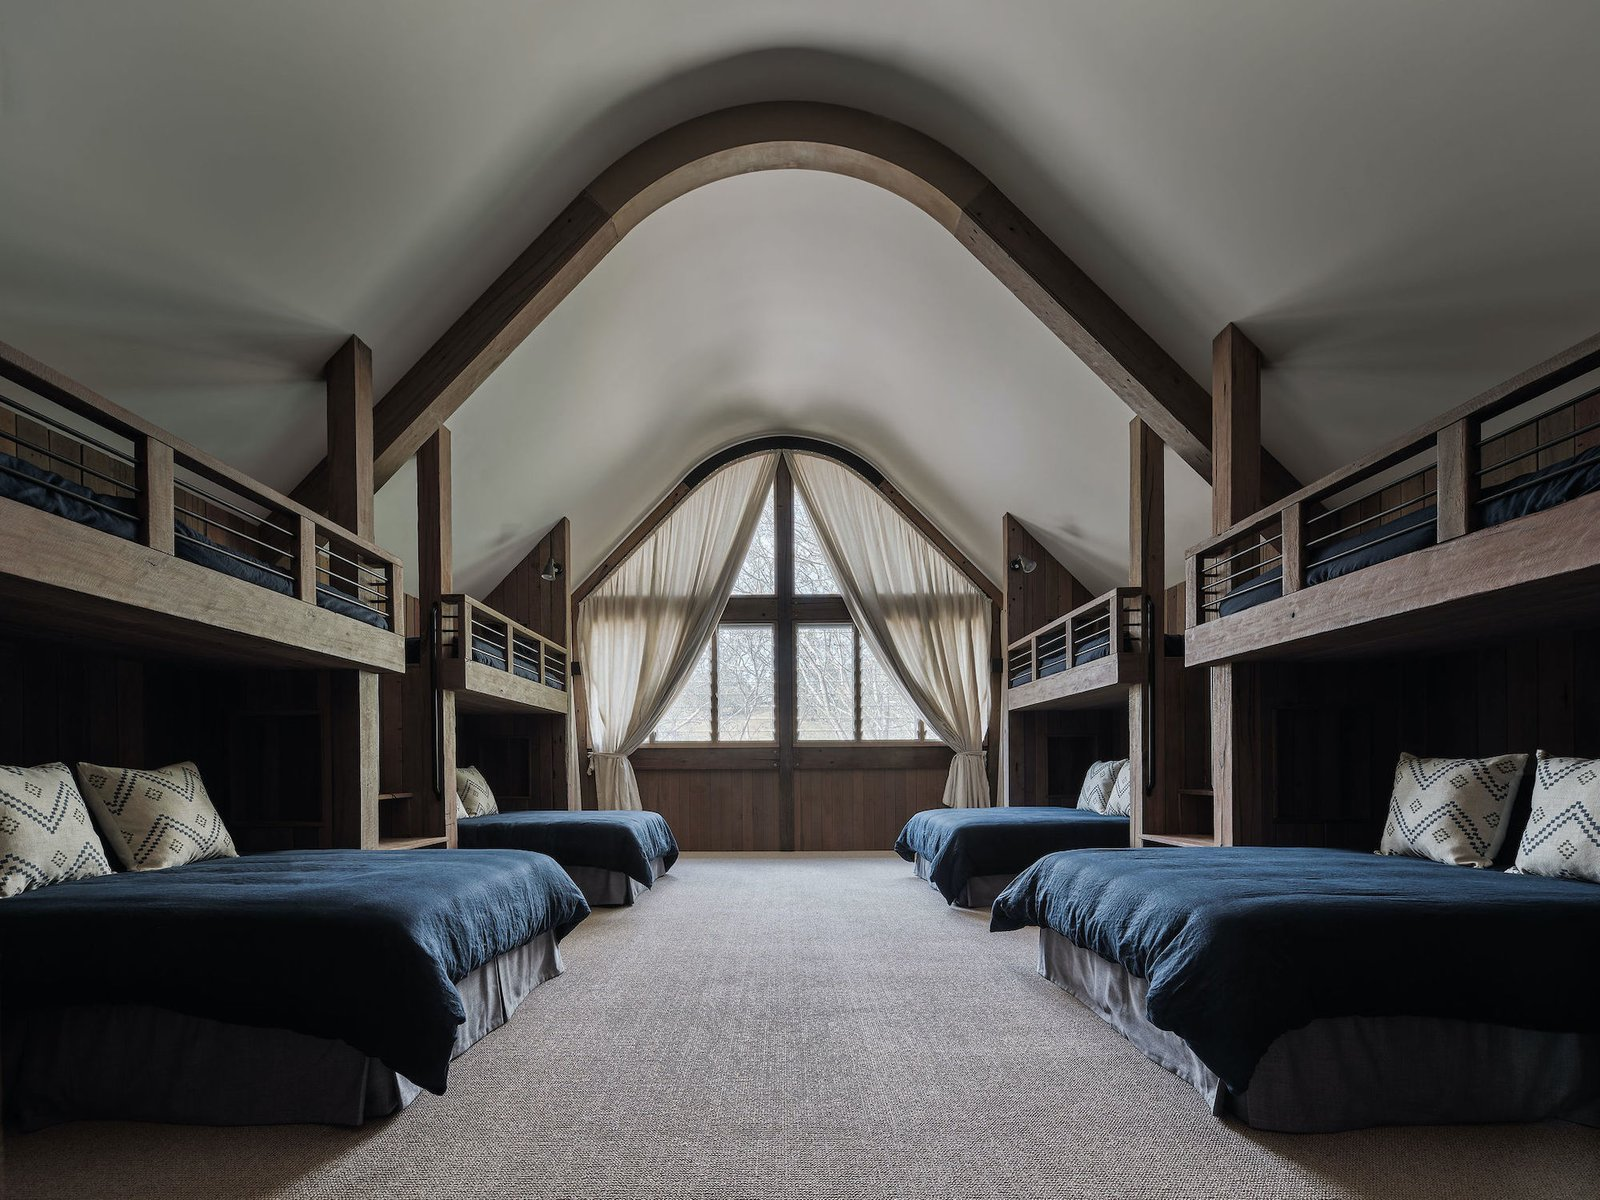 The Barn by Paul Uhlmann Architects bunk room